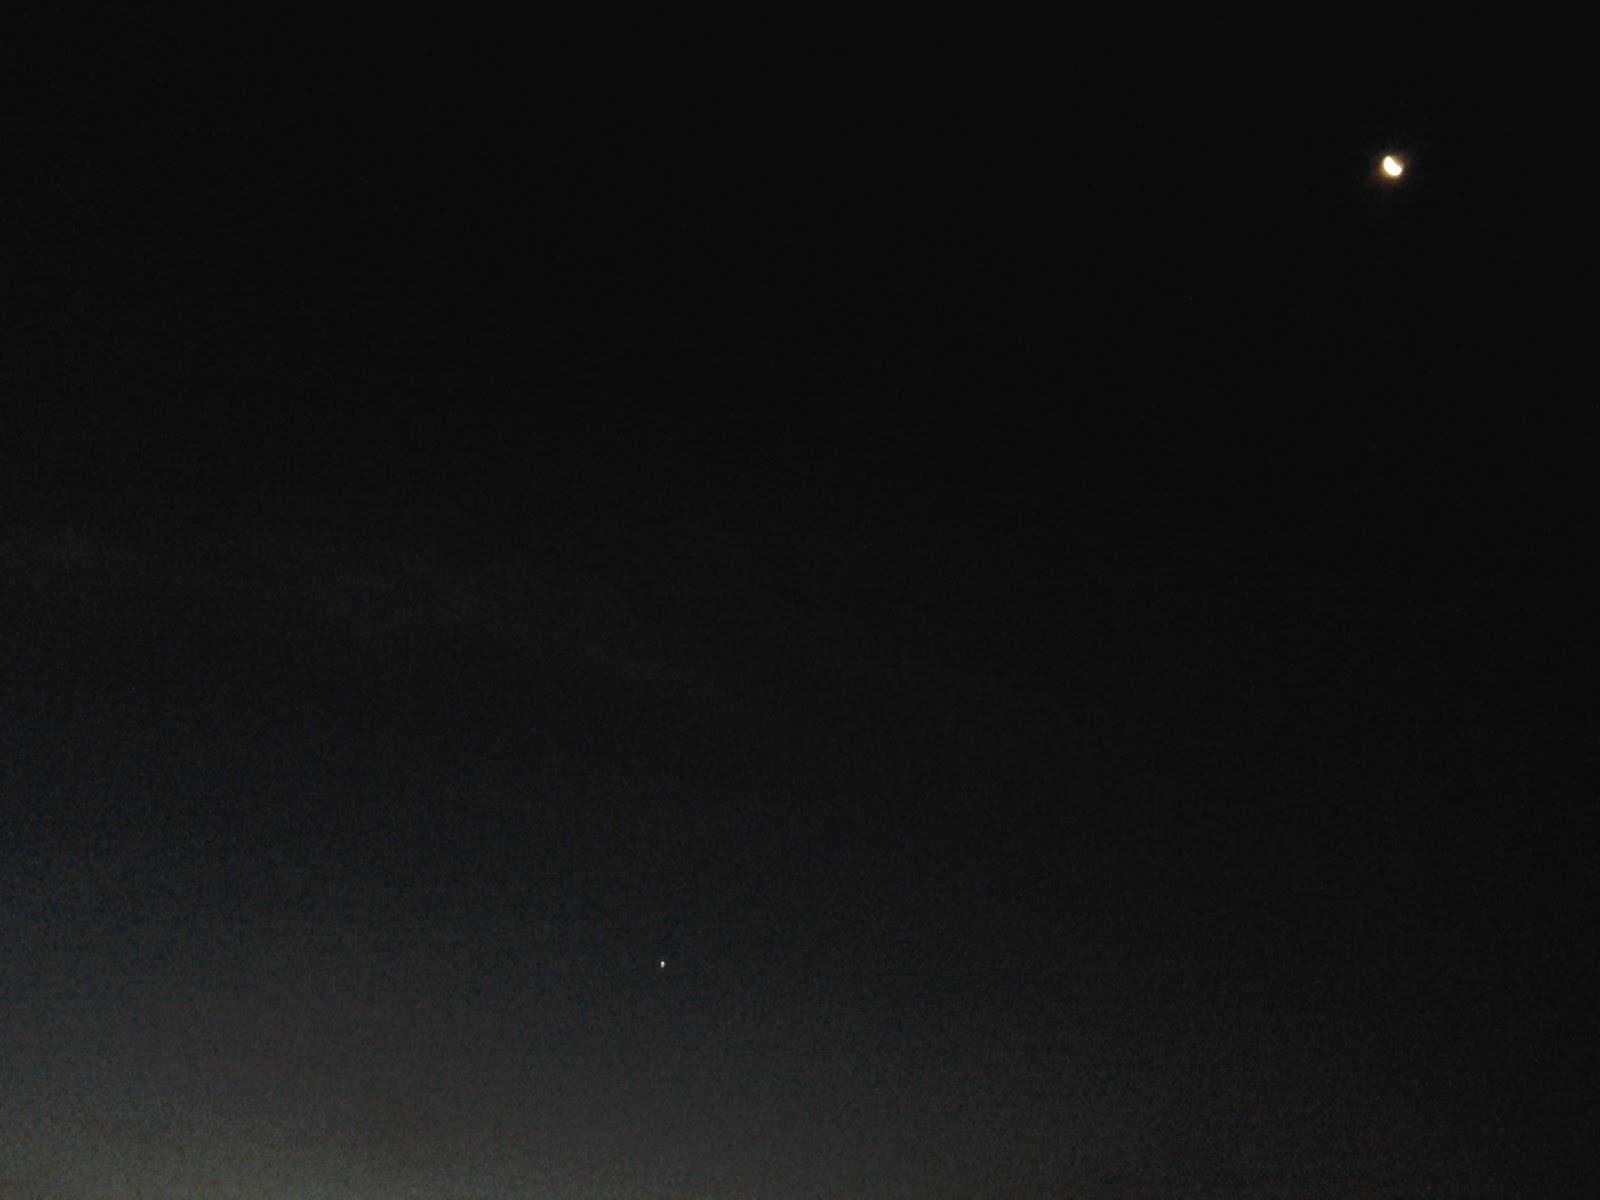 lua-venus